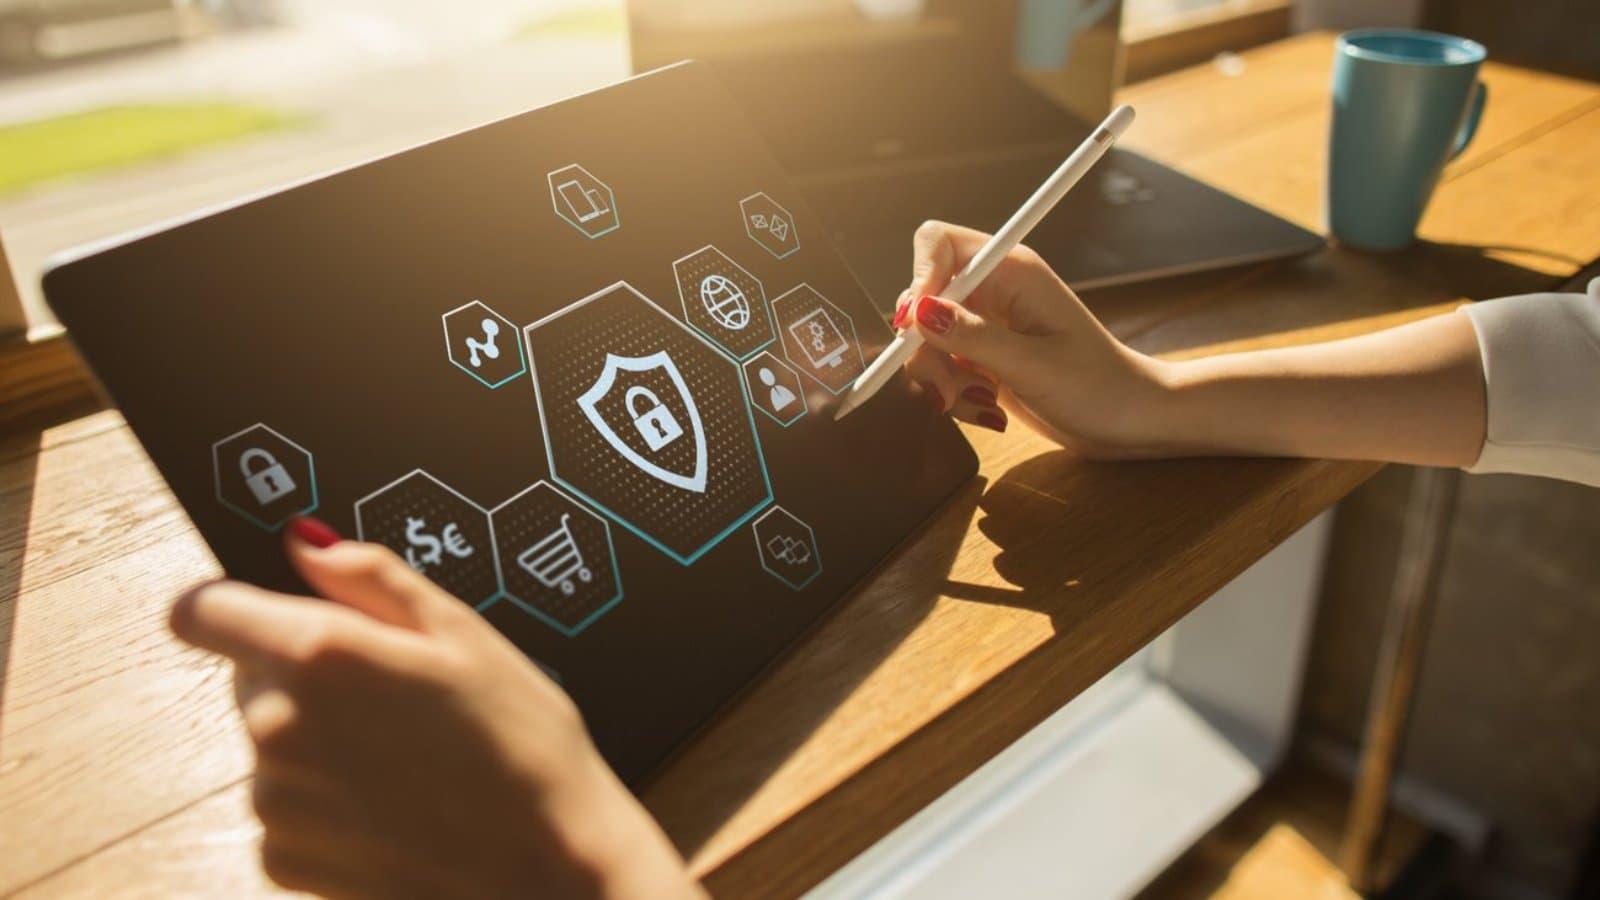 SFR Cybersécurité : protection complète, sérénité assurée